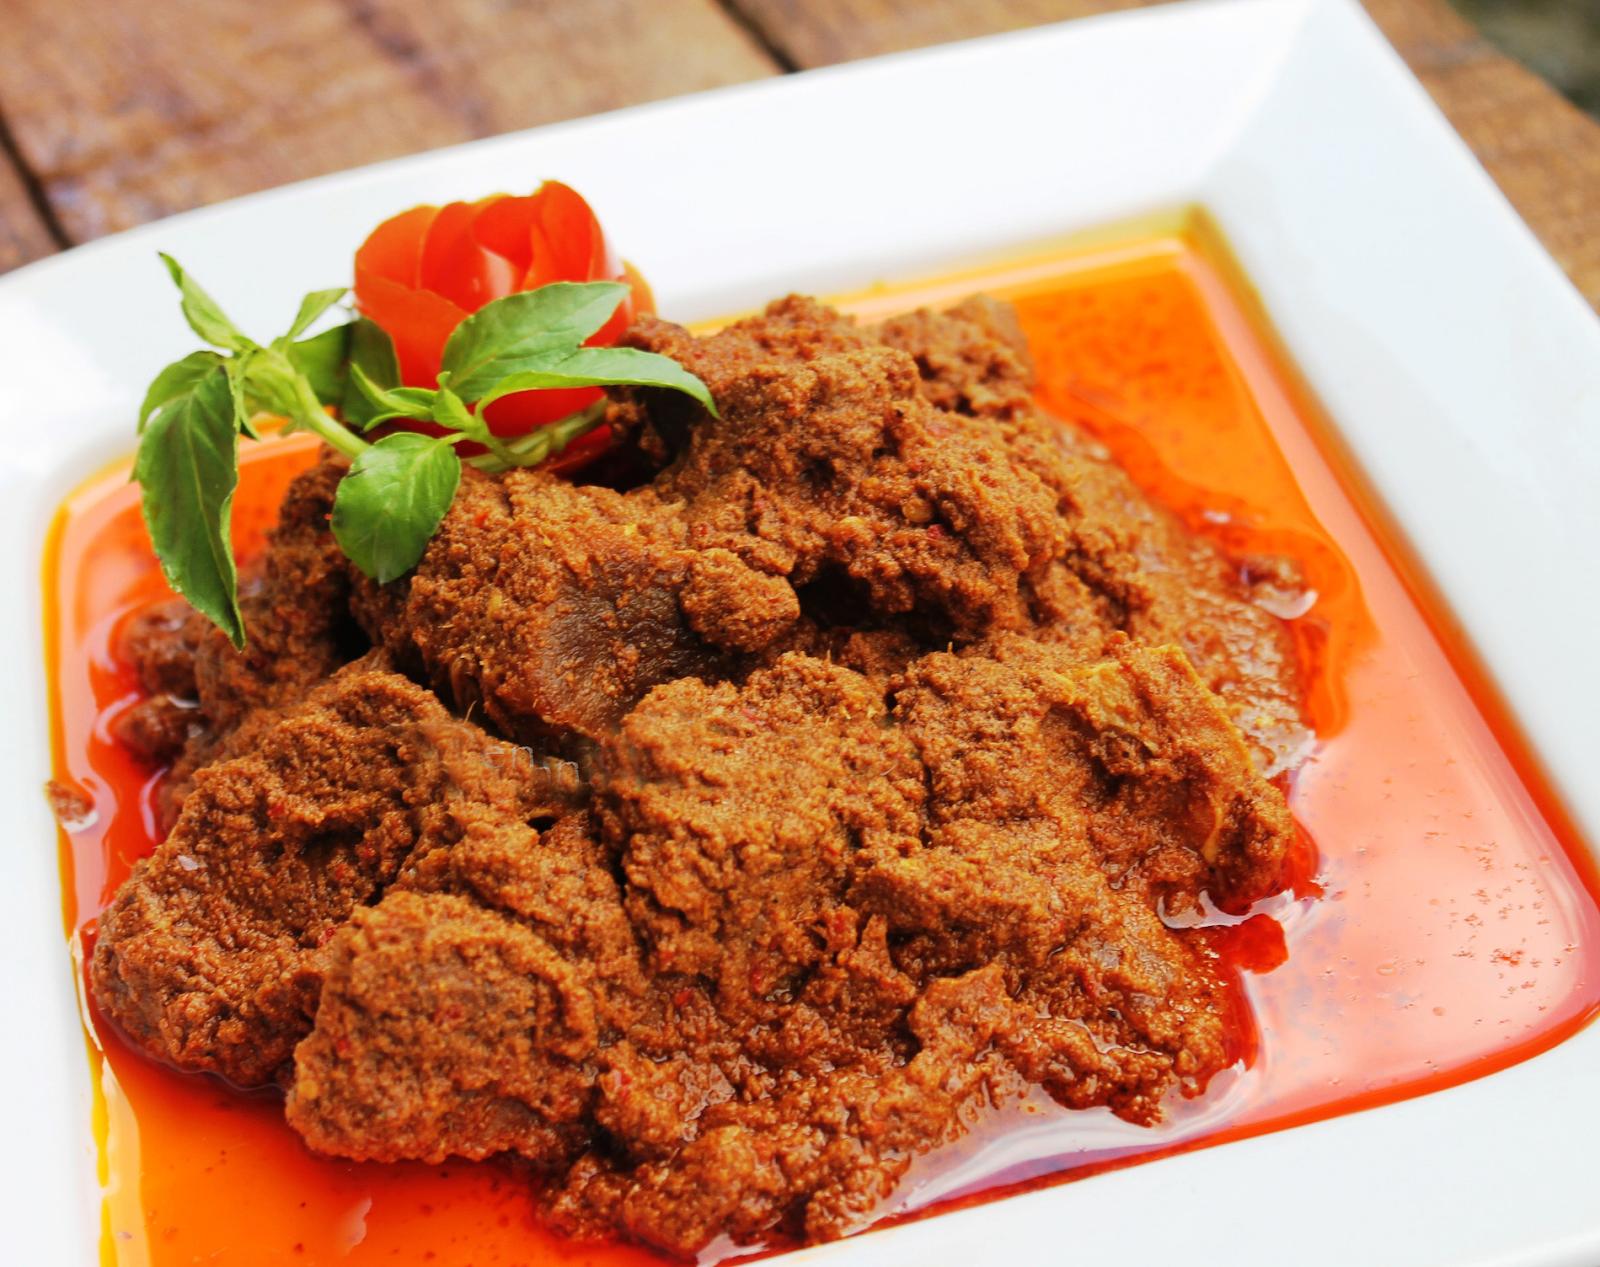 Resep membuat rendang ayam sederhana